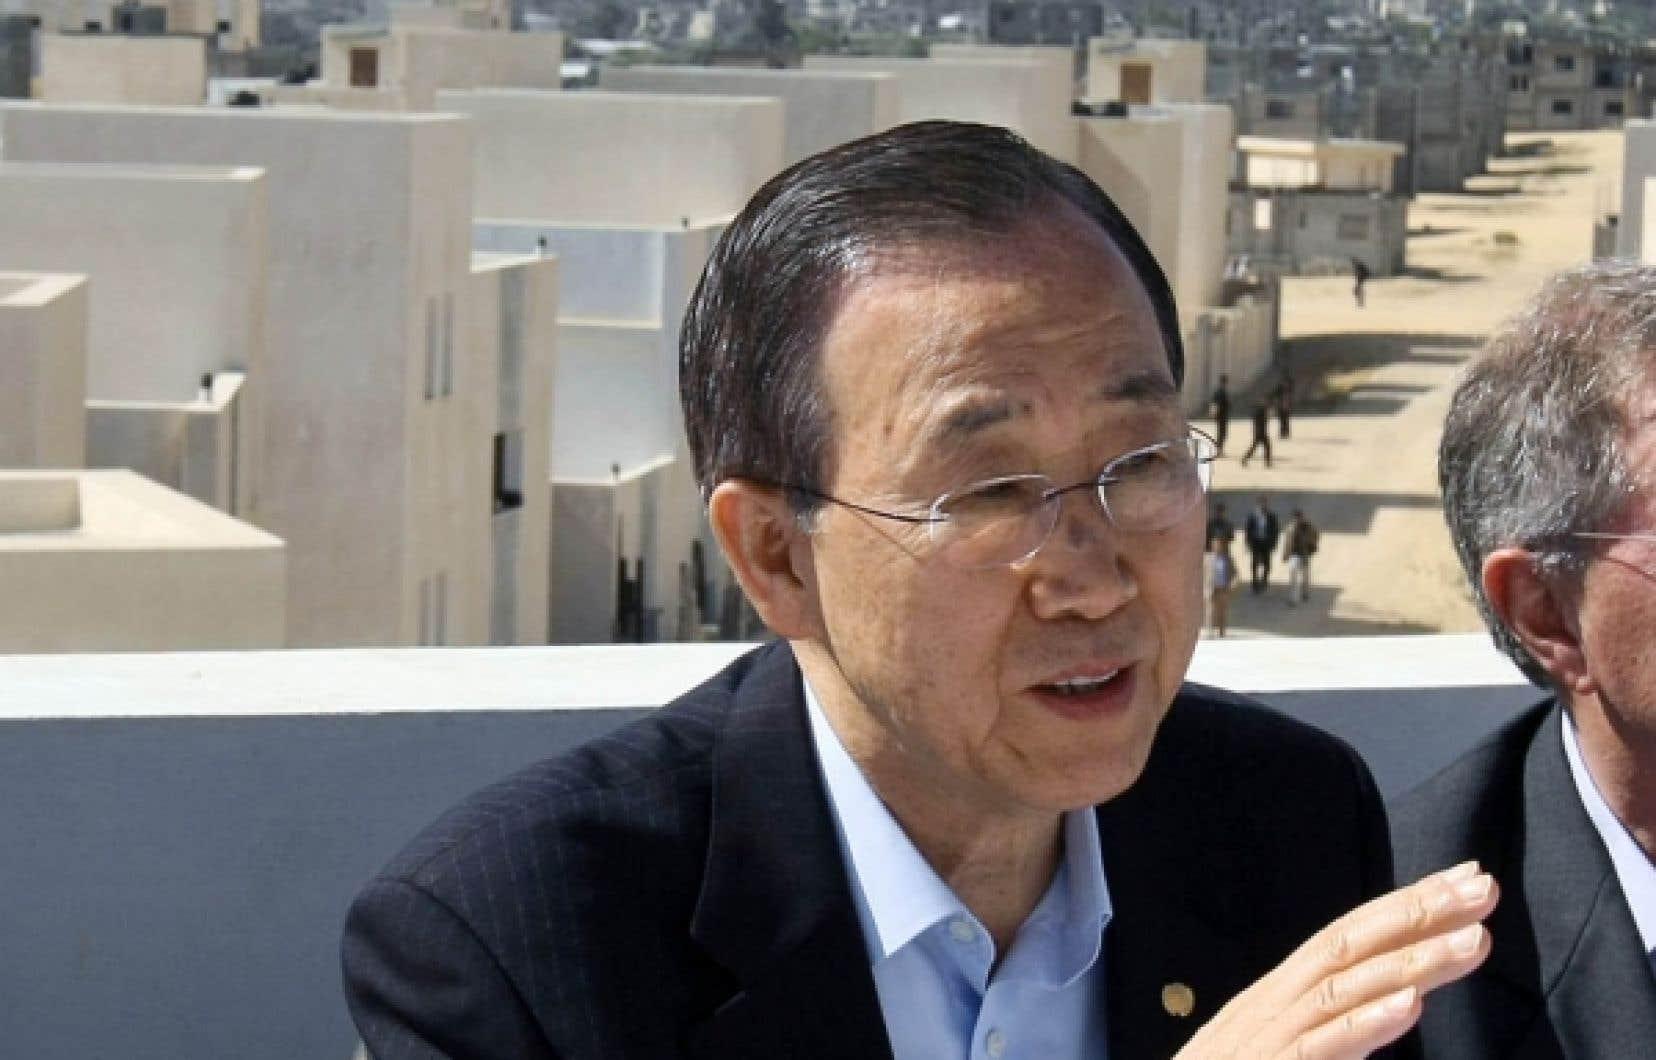 Le secrétaire général de l'ONU, Ban Ki-moon, était de passage hier dans la bande de Gaza.